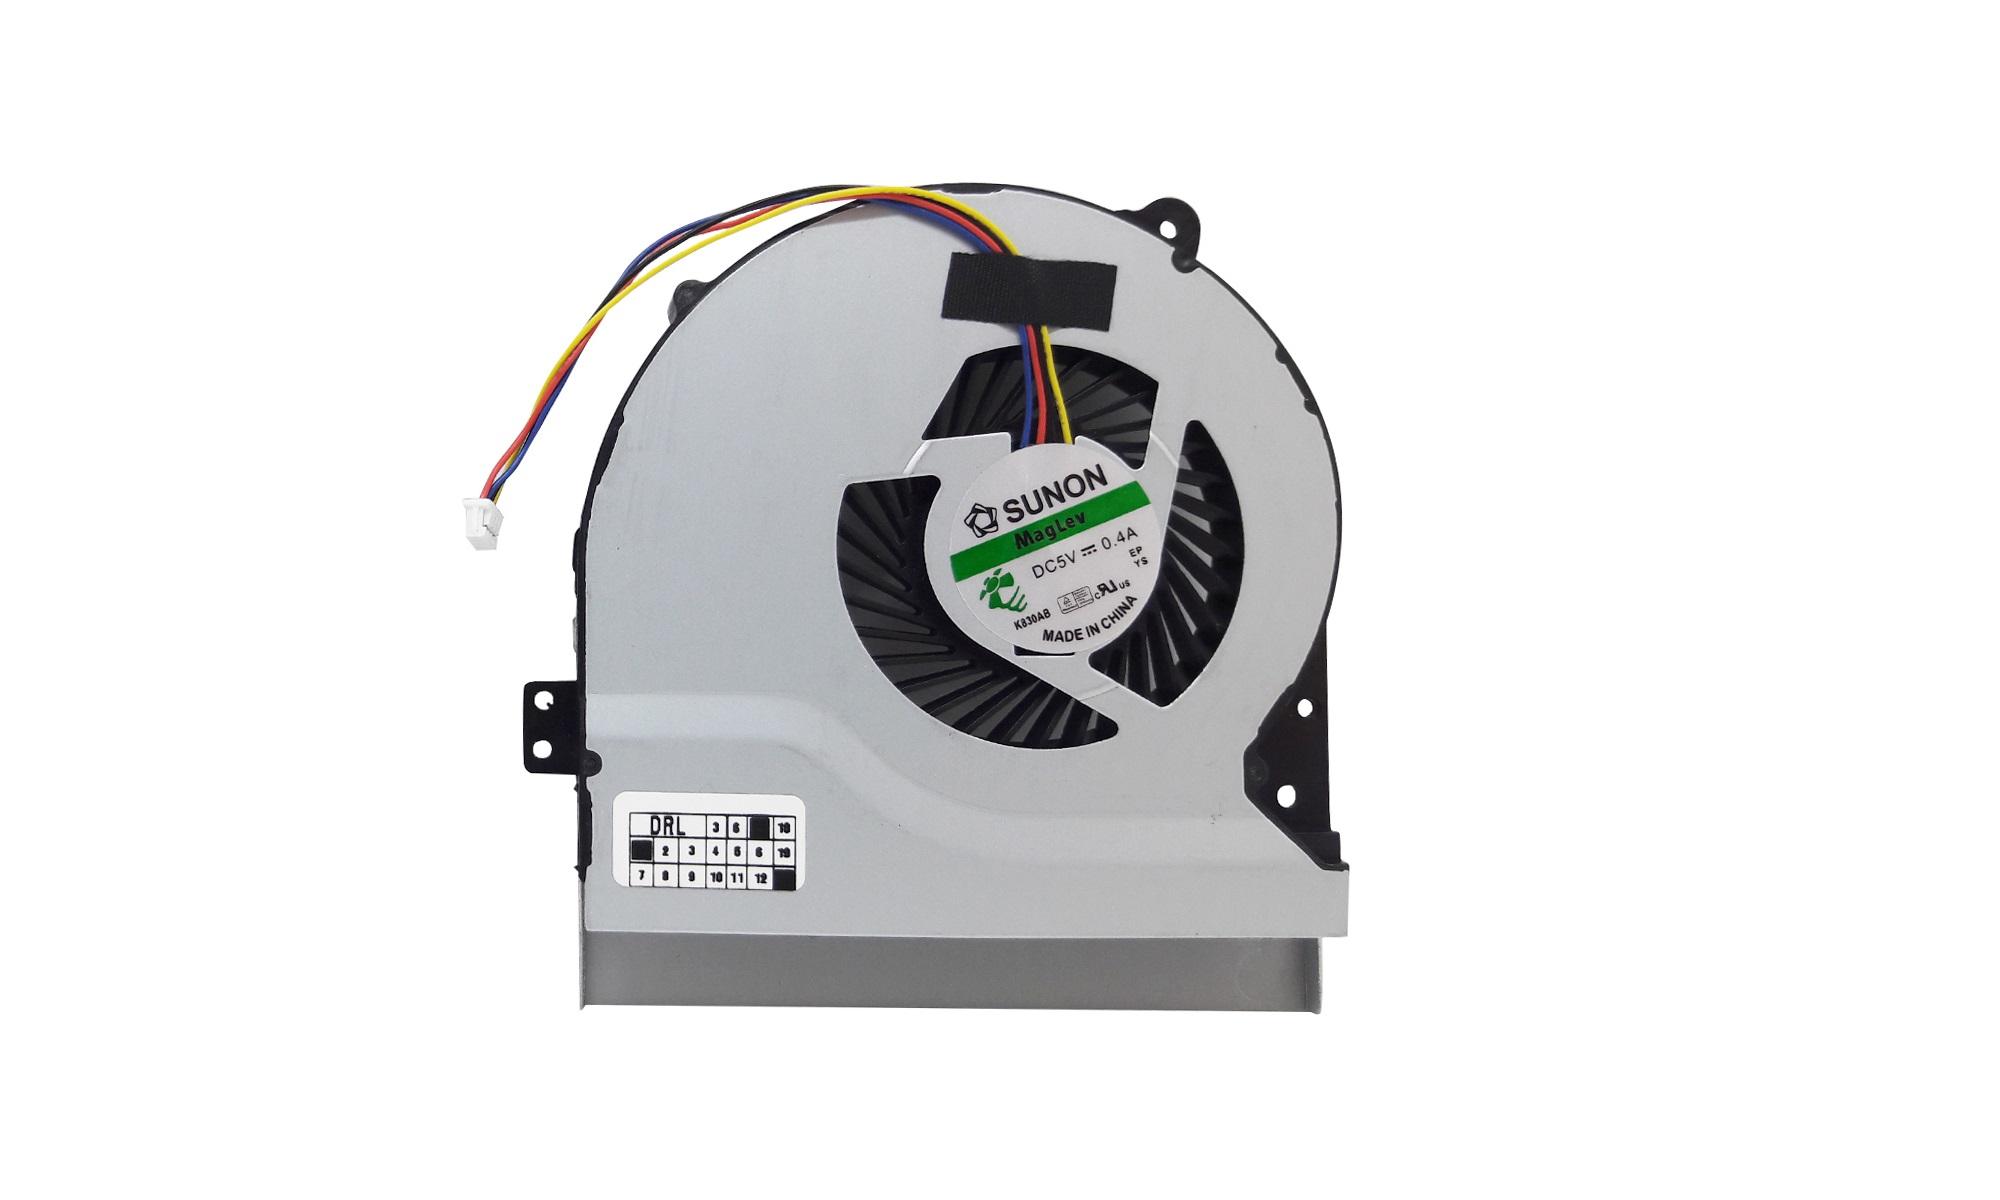 Cooler compatibil Asus A56CB, A56CM, U58CB, U58CM, V550CB, V550CM, K550CC, K56CA, K56CB, K56CM, P450CA, P550CA, P550LA, model Sunon